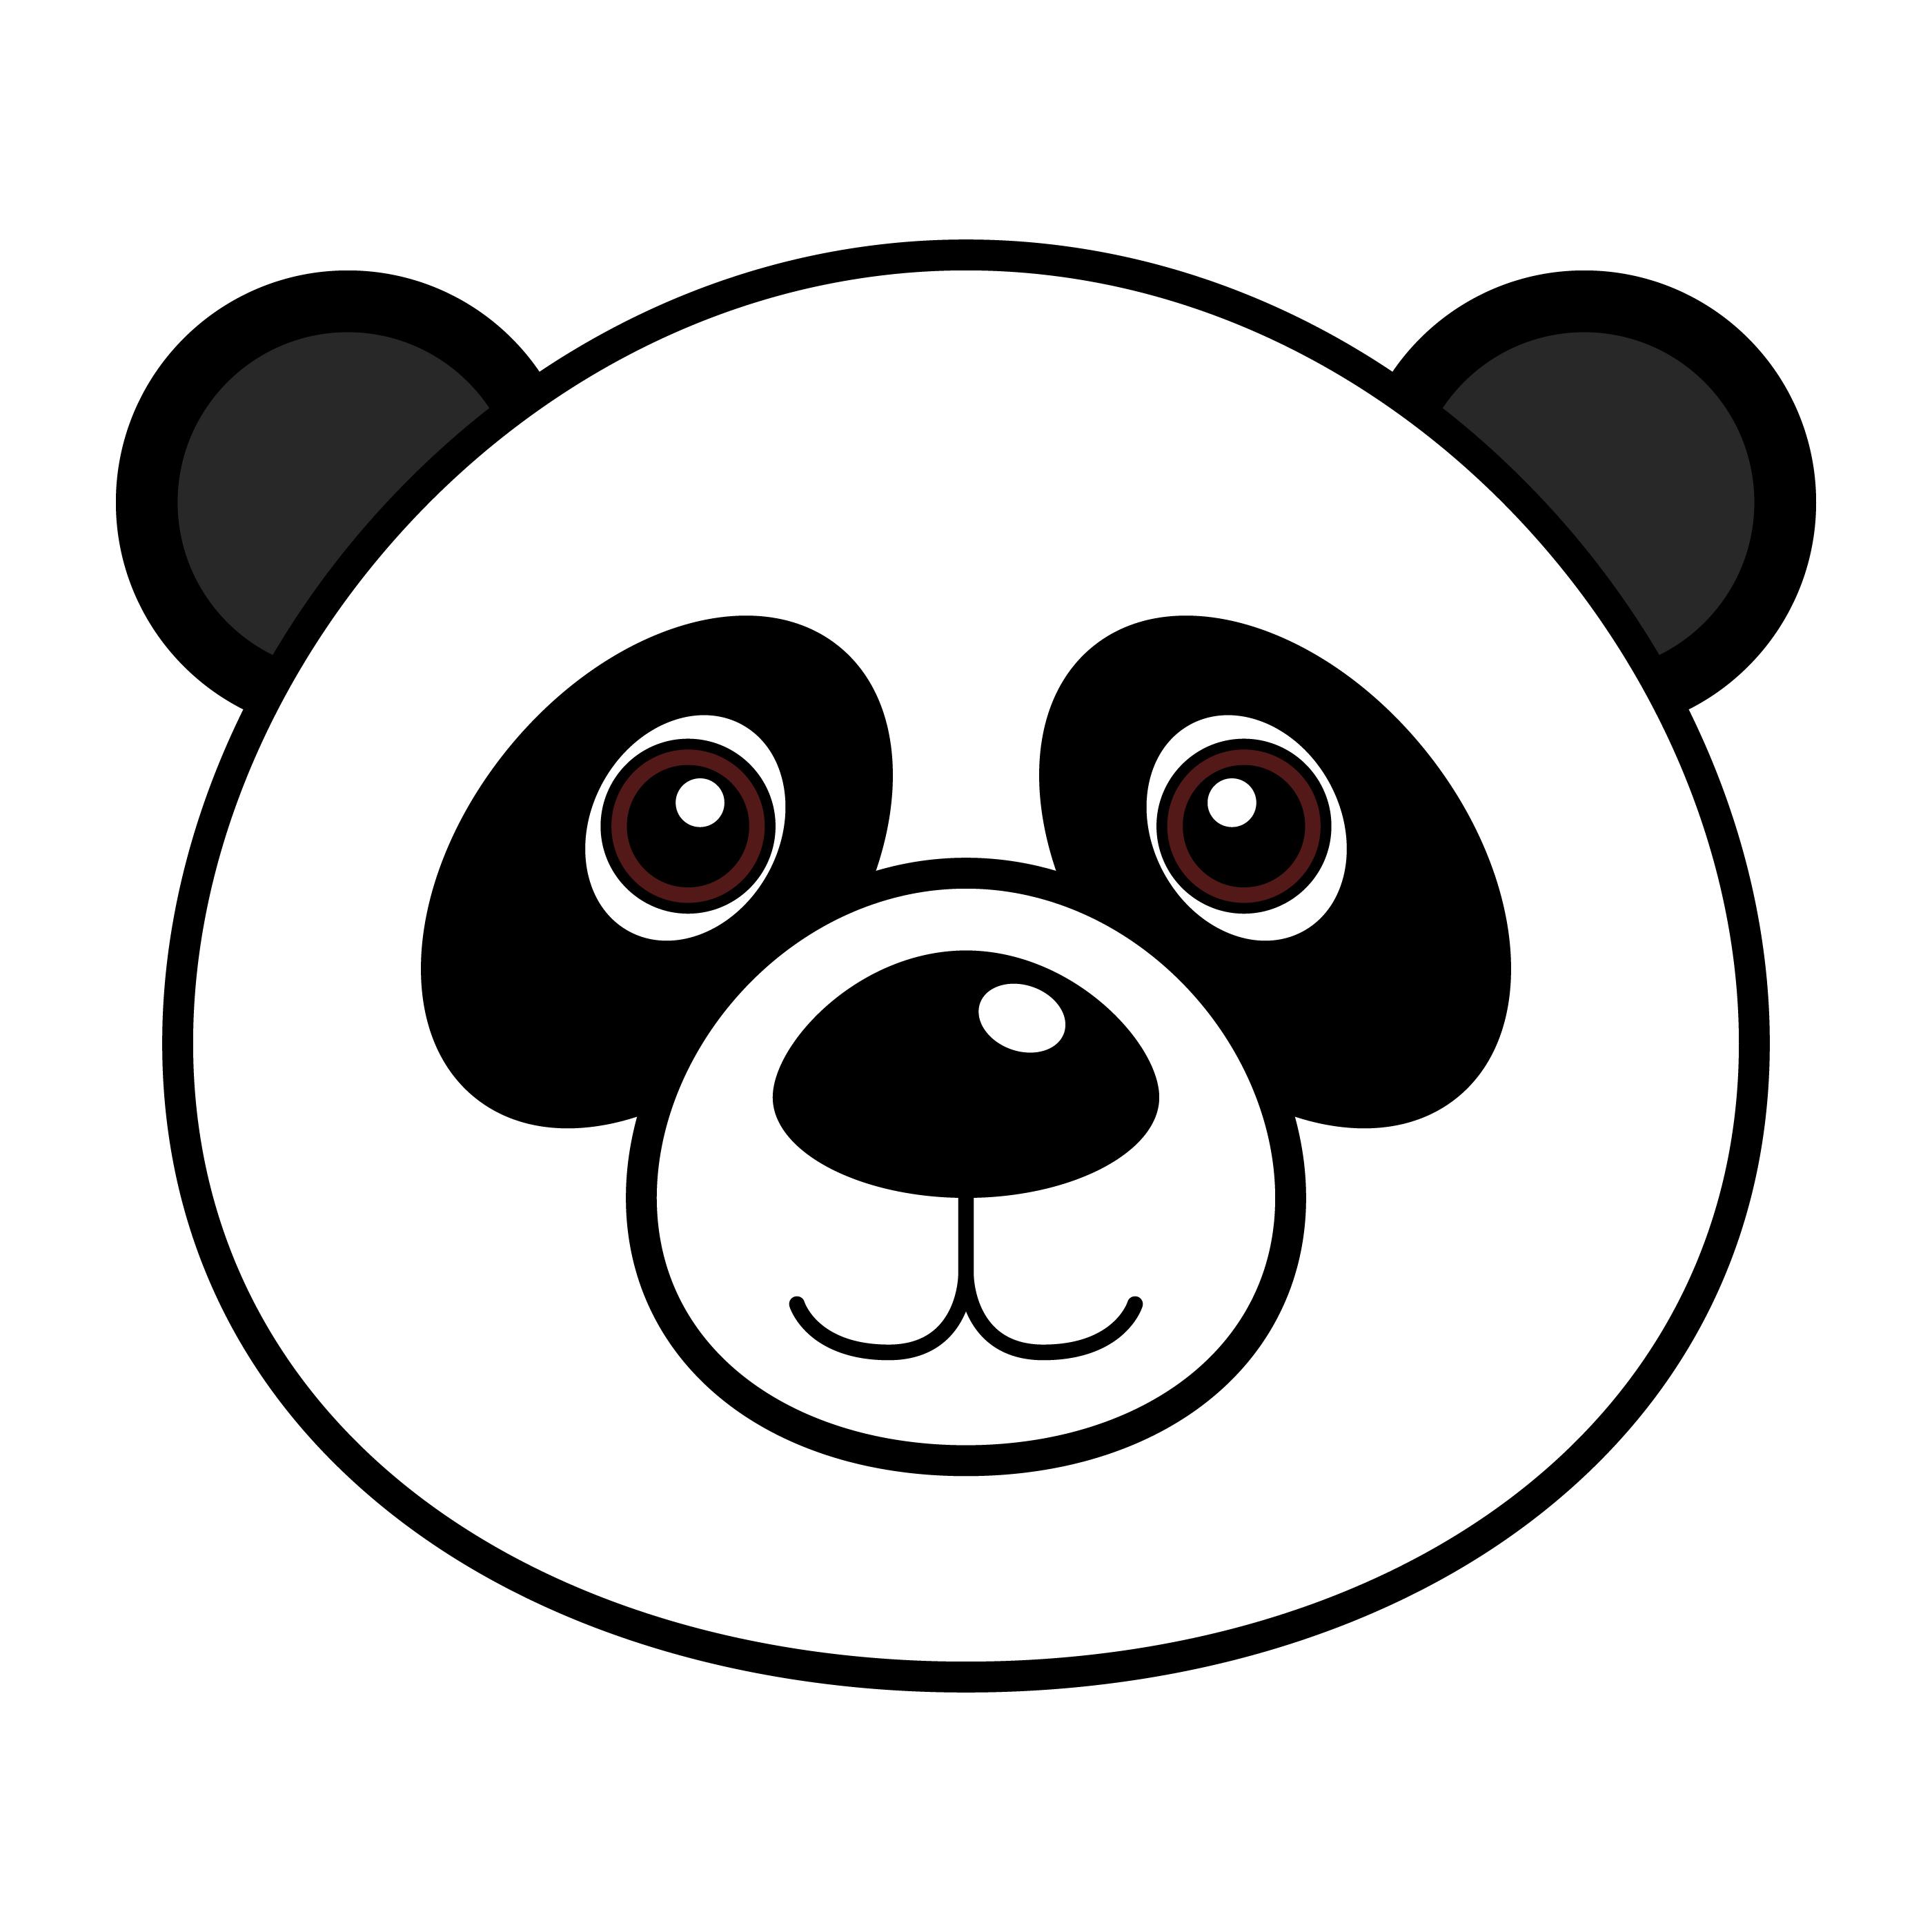 Free Gambar Kartun Panda Download Free Clip Art Free